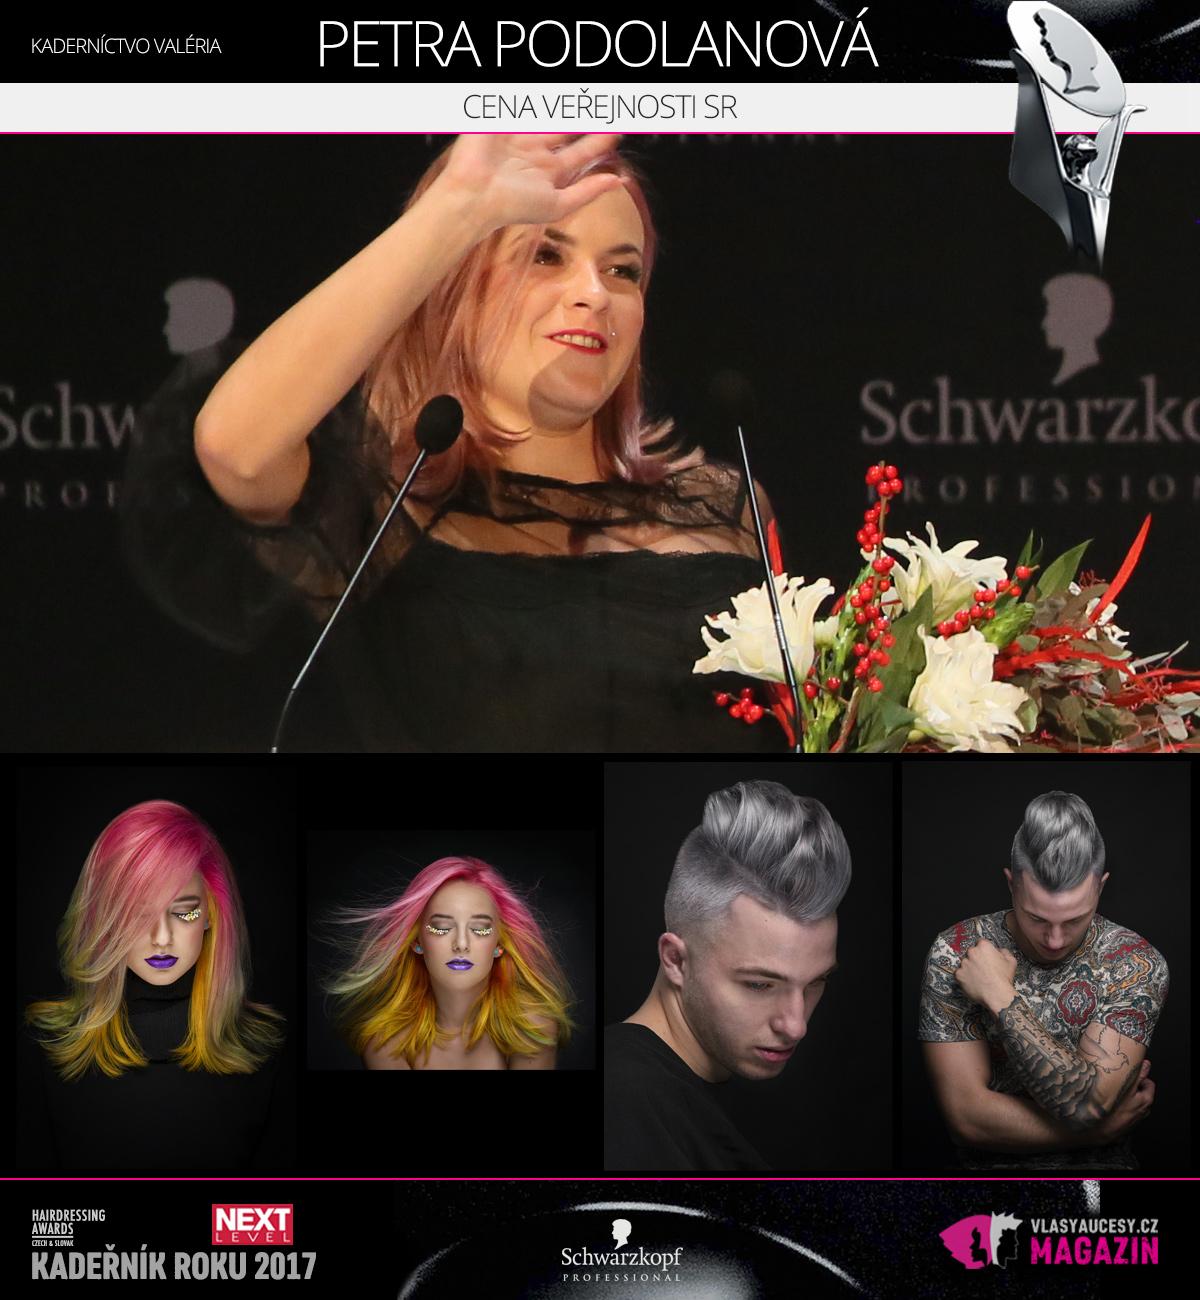 Petra Podolanská (Kaderníctvo Valéria Brokešová) – Cena veřejnosti SK 2017 soutěže Czech&Slovak Hairdressing Awards.